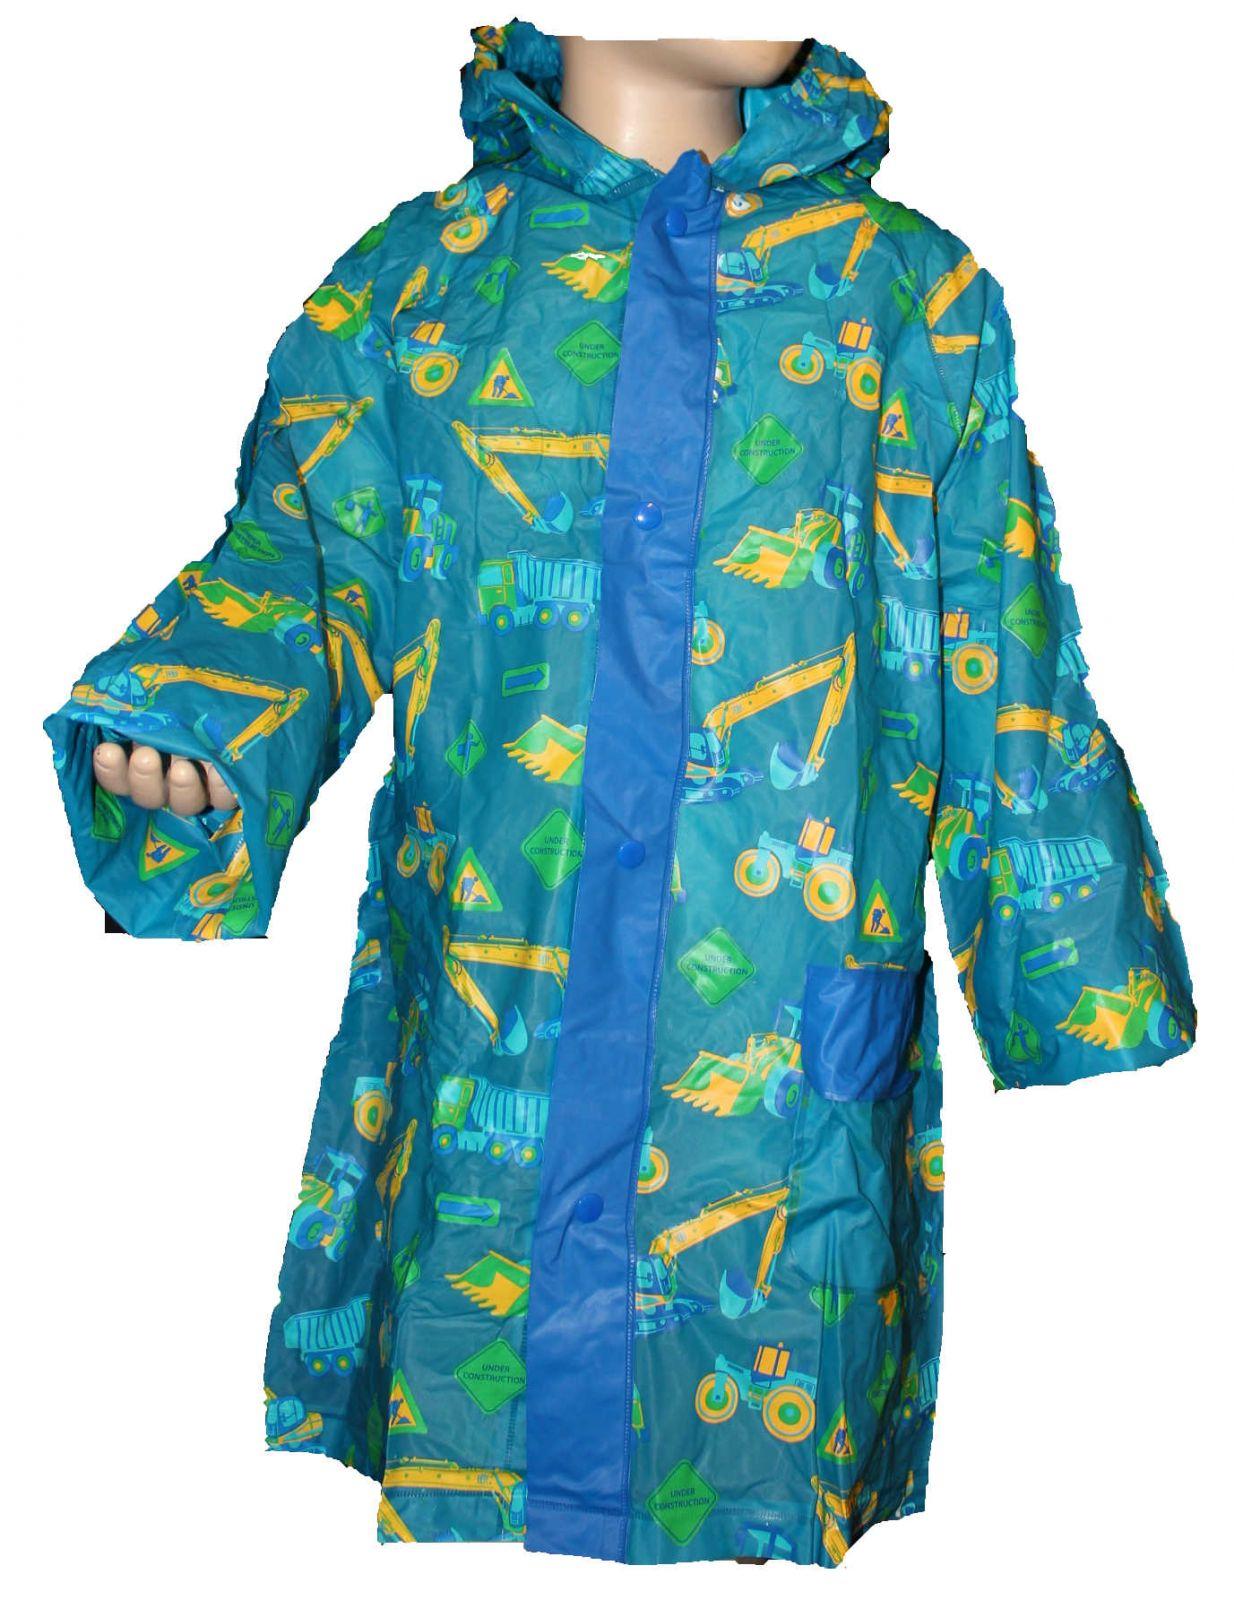 Dětská pláštěnka Kugo chlapecká pláštěnka